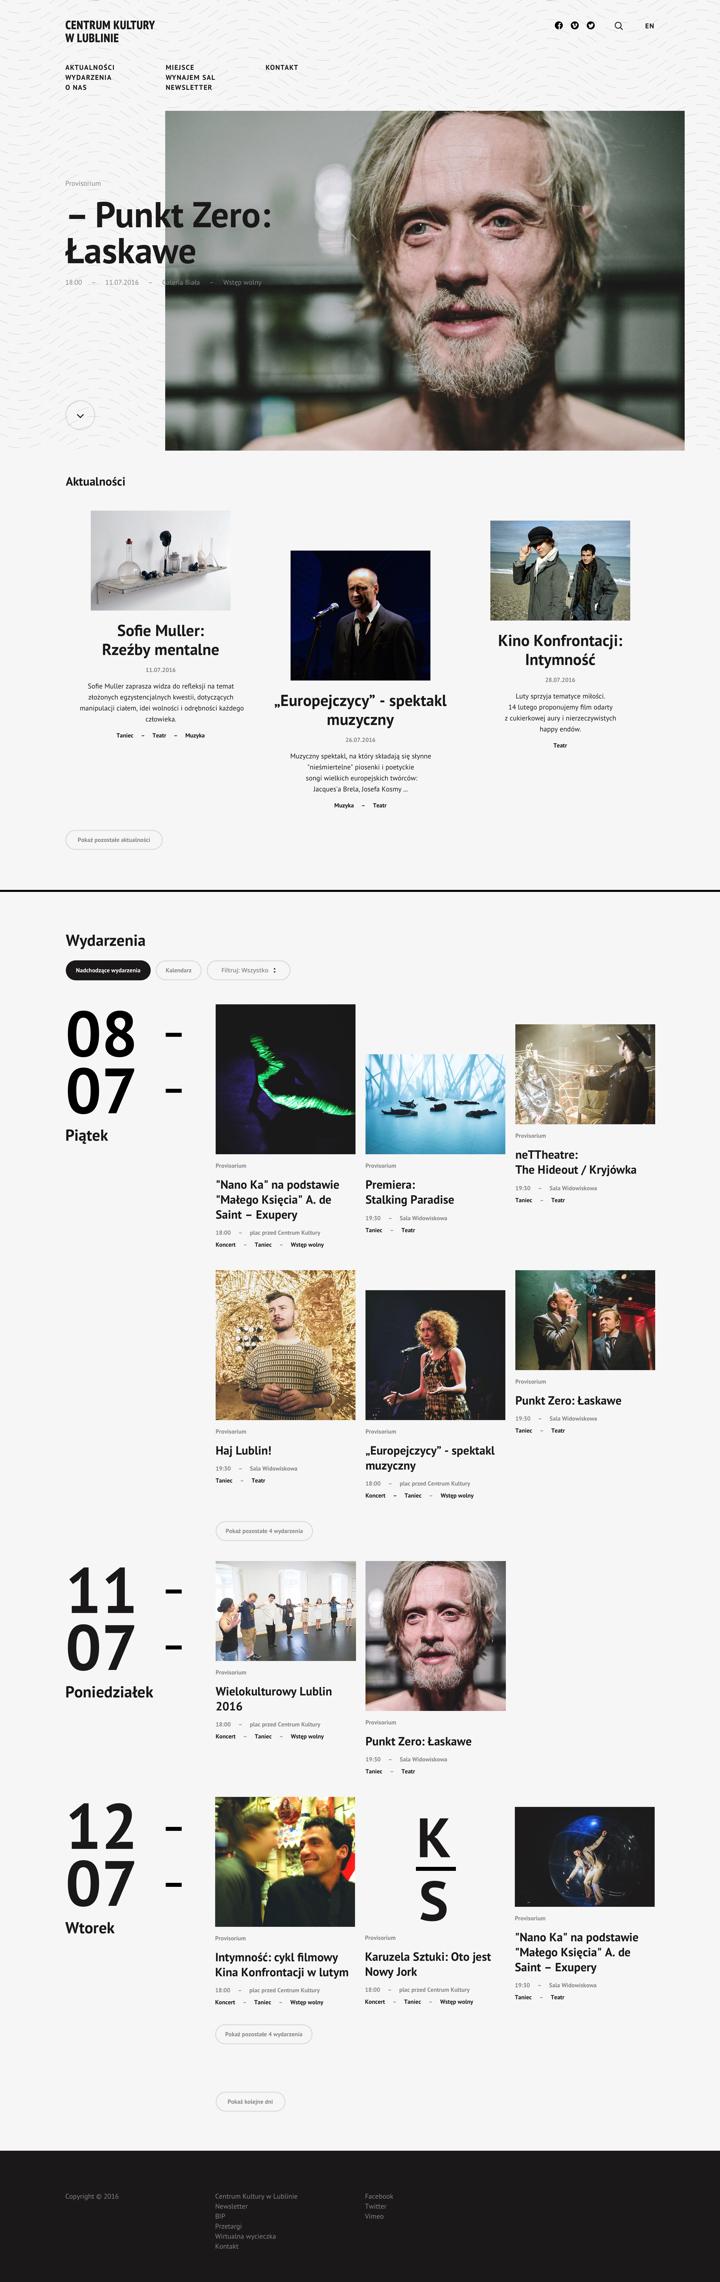 Centrum Kultury w Lublinie by Maciej Mach - UI/UX designer / Poland / Poznań